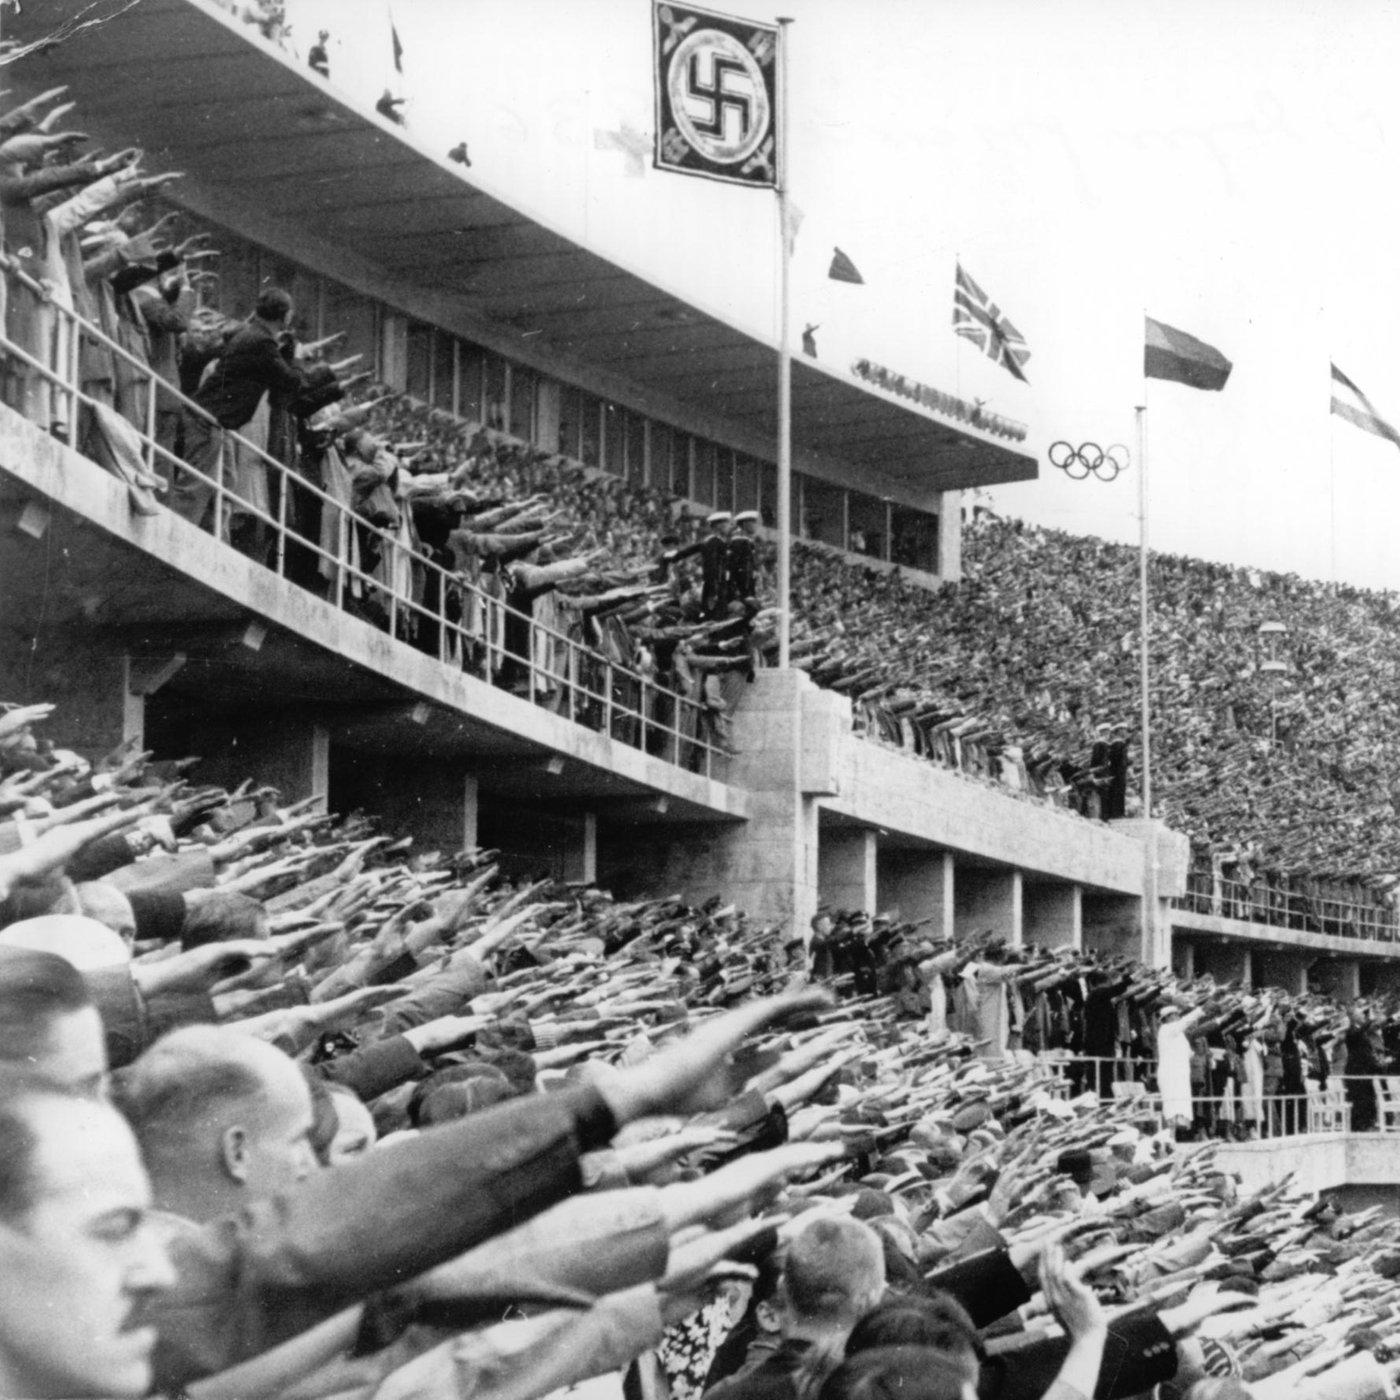 Stichtag 1 August 1936 Hitler Eroffnet Die Olympischen Spiele In Berlin Stichtag Wdr